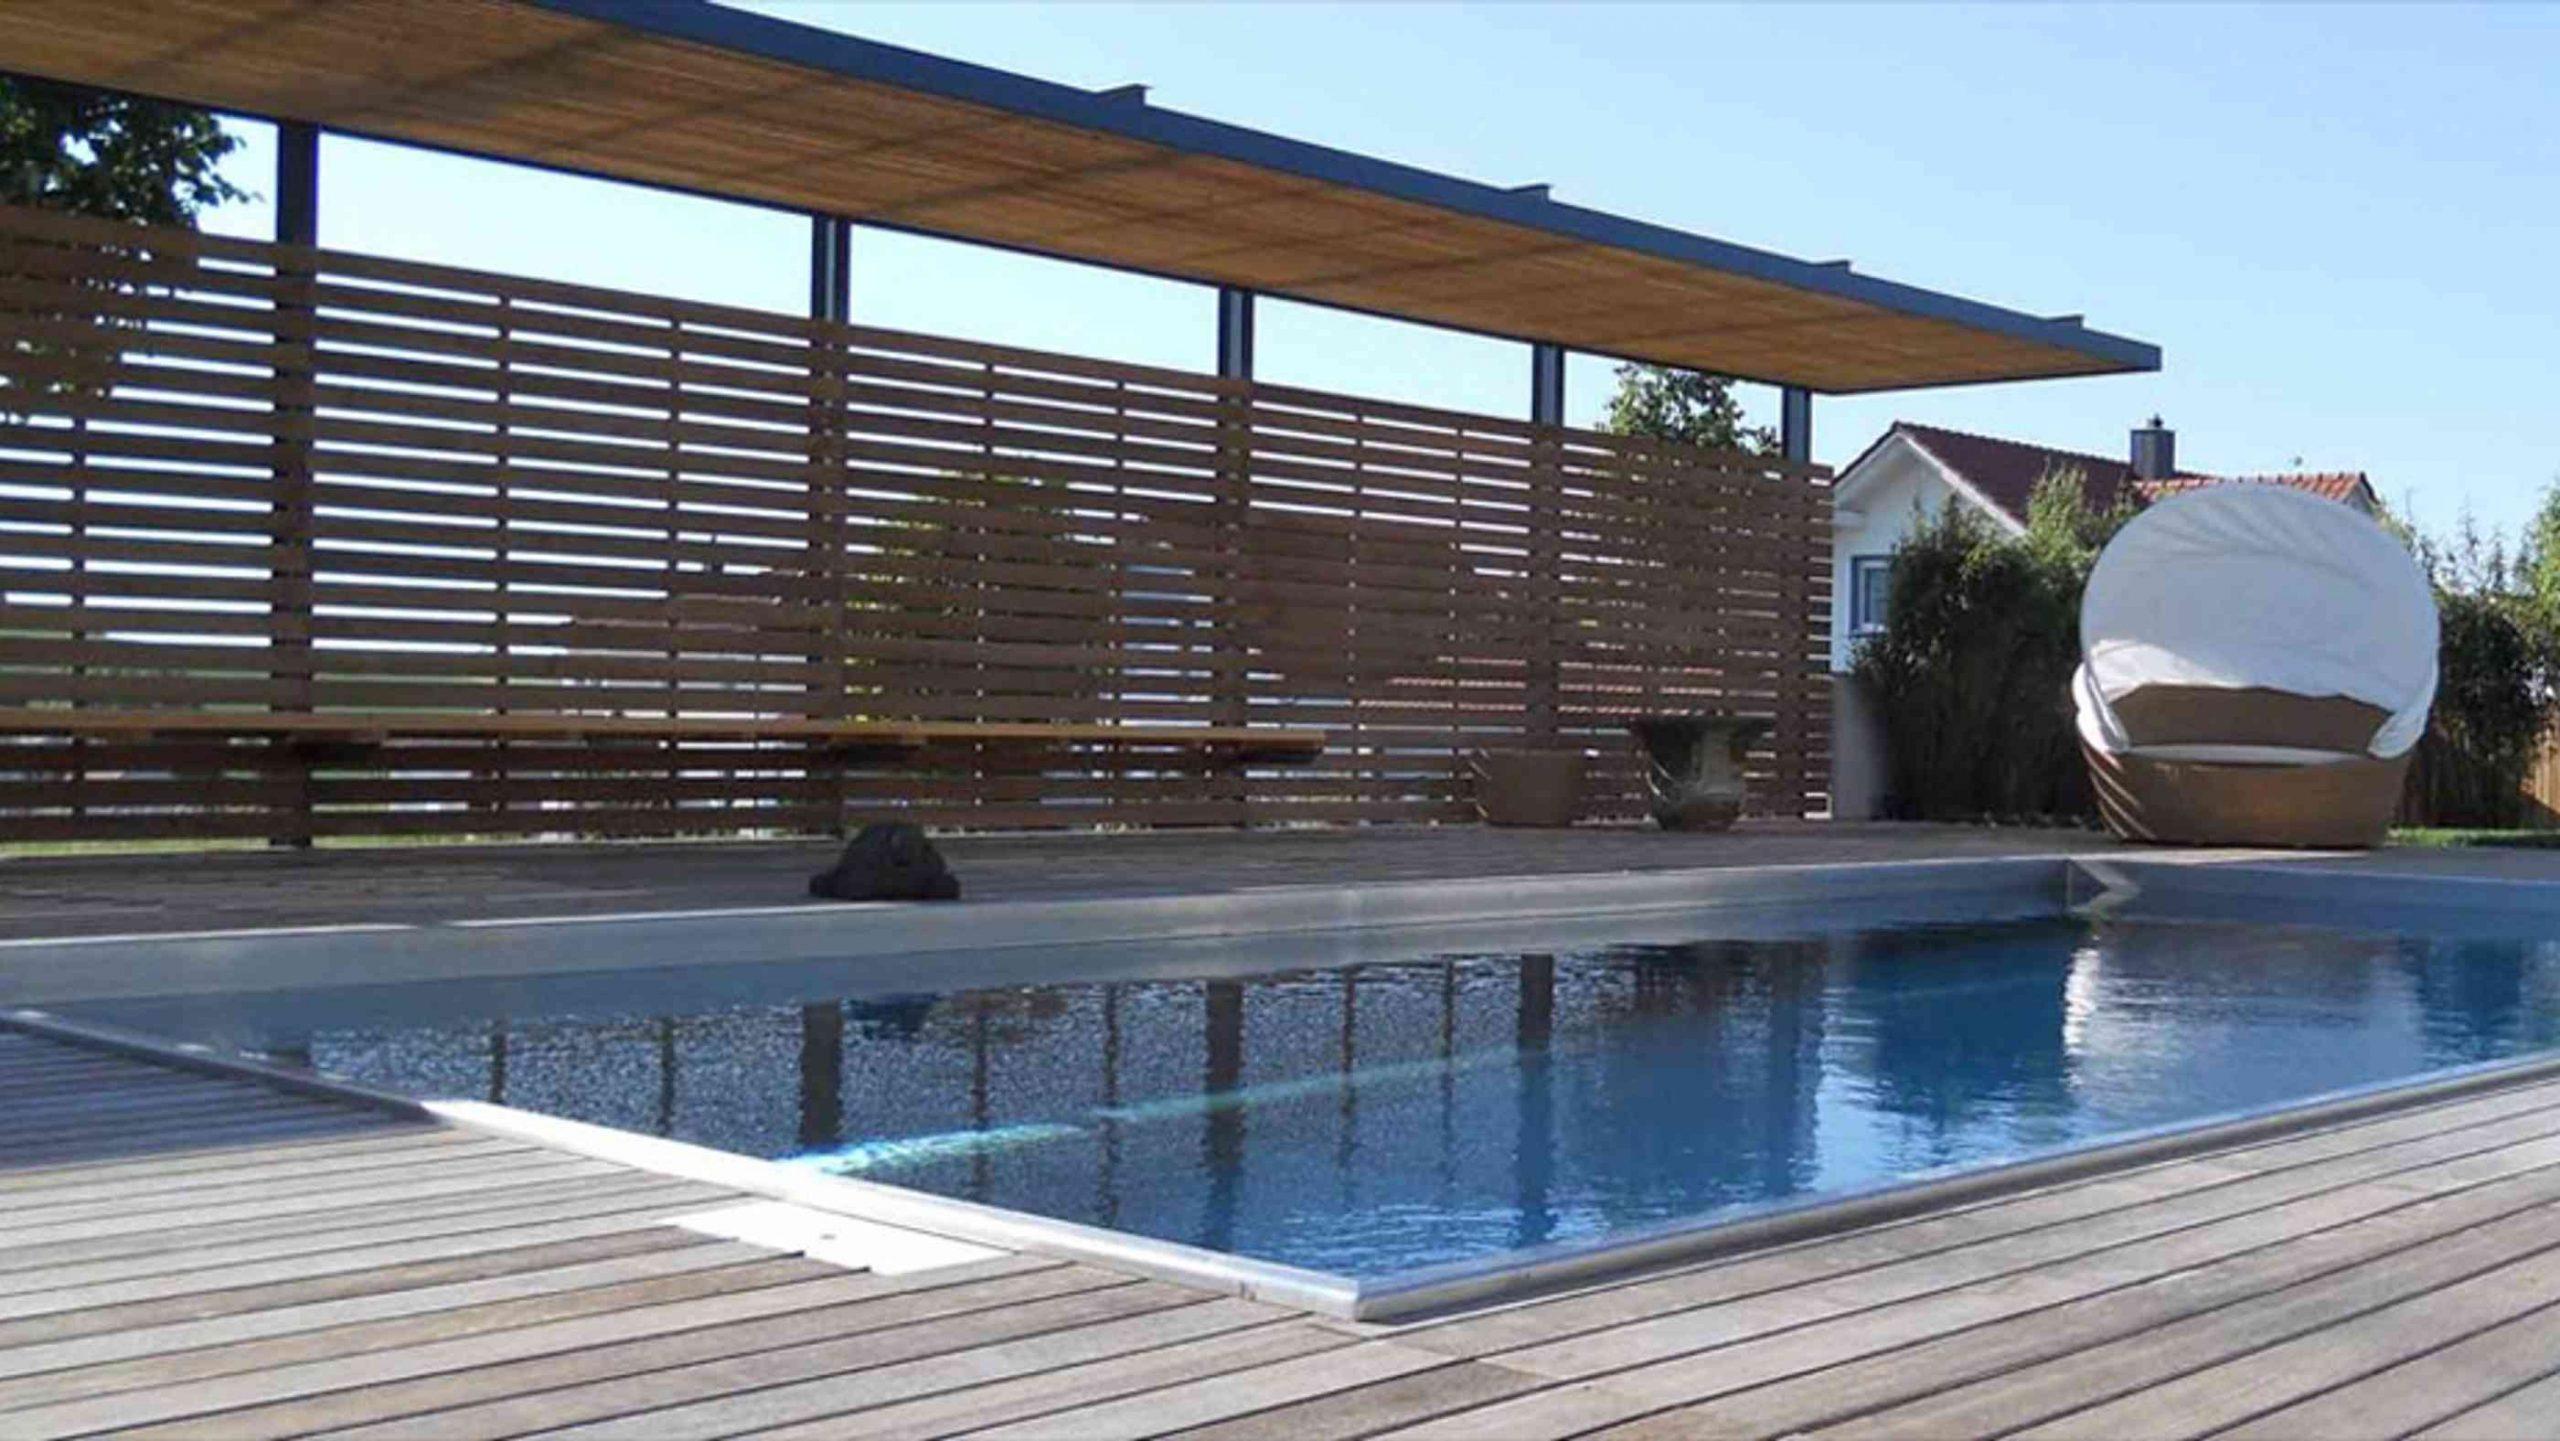 Full Size of Swimmingpool Garten Pool Holzoptik Garden Swimming Pools Argos Ireland Baugenehmigung Hessen Testsieger Im Bauen So Klappt Das Eigene Schwimmbad Spielhäuser Garten Swimmingpool Garten